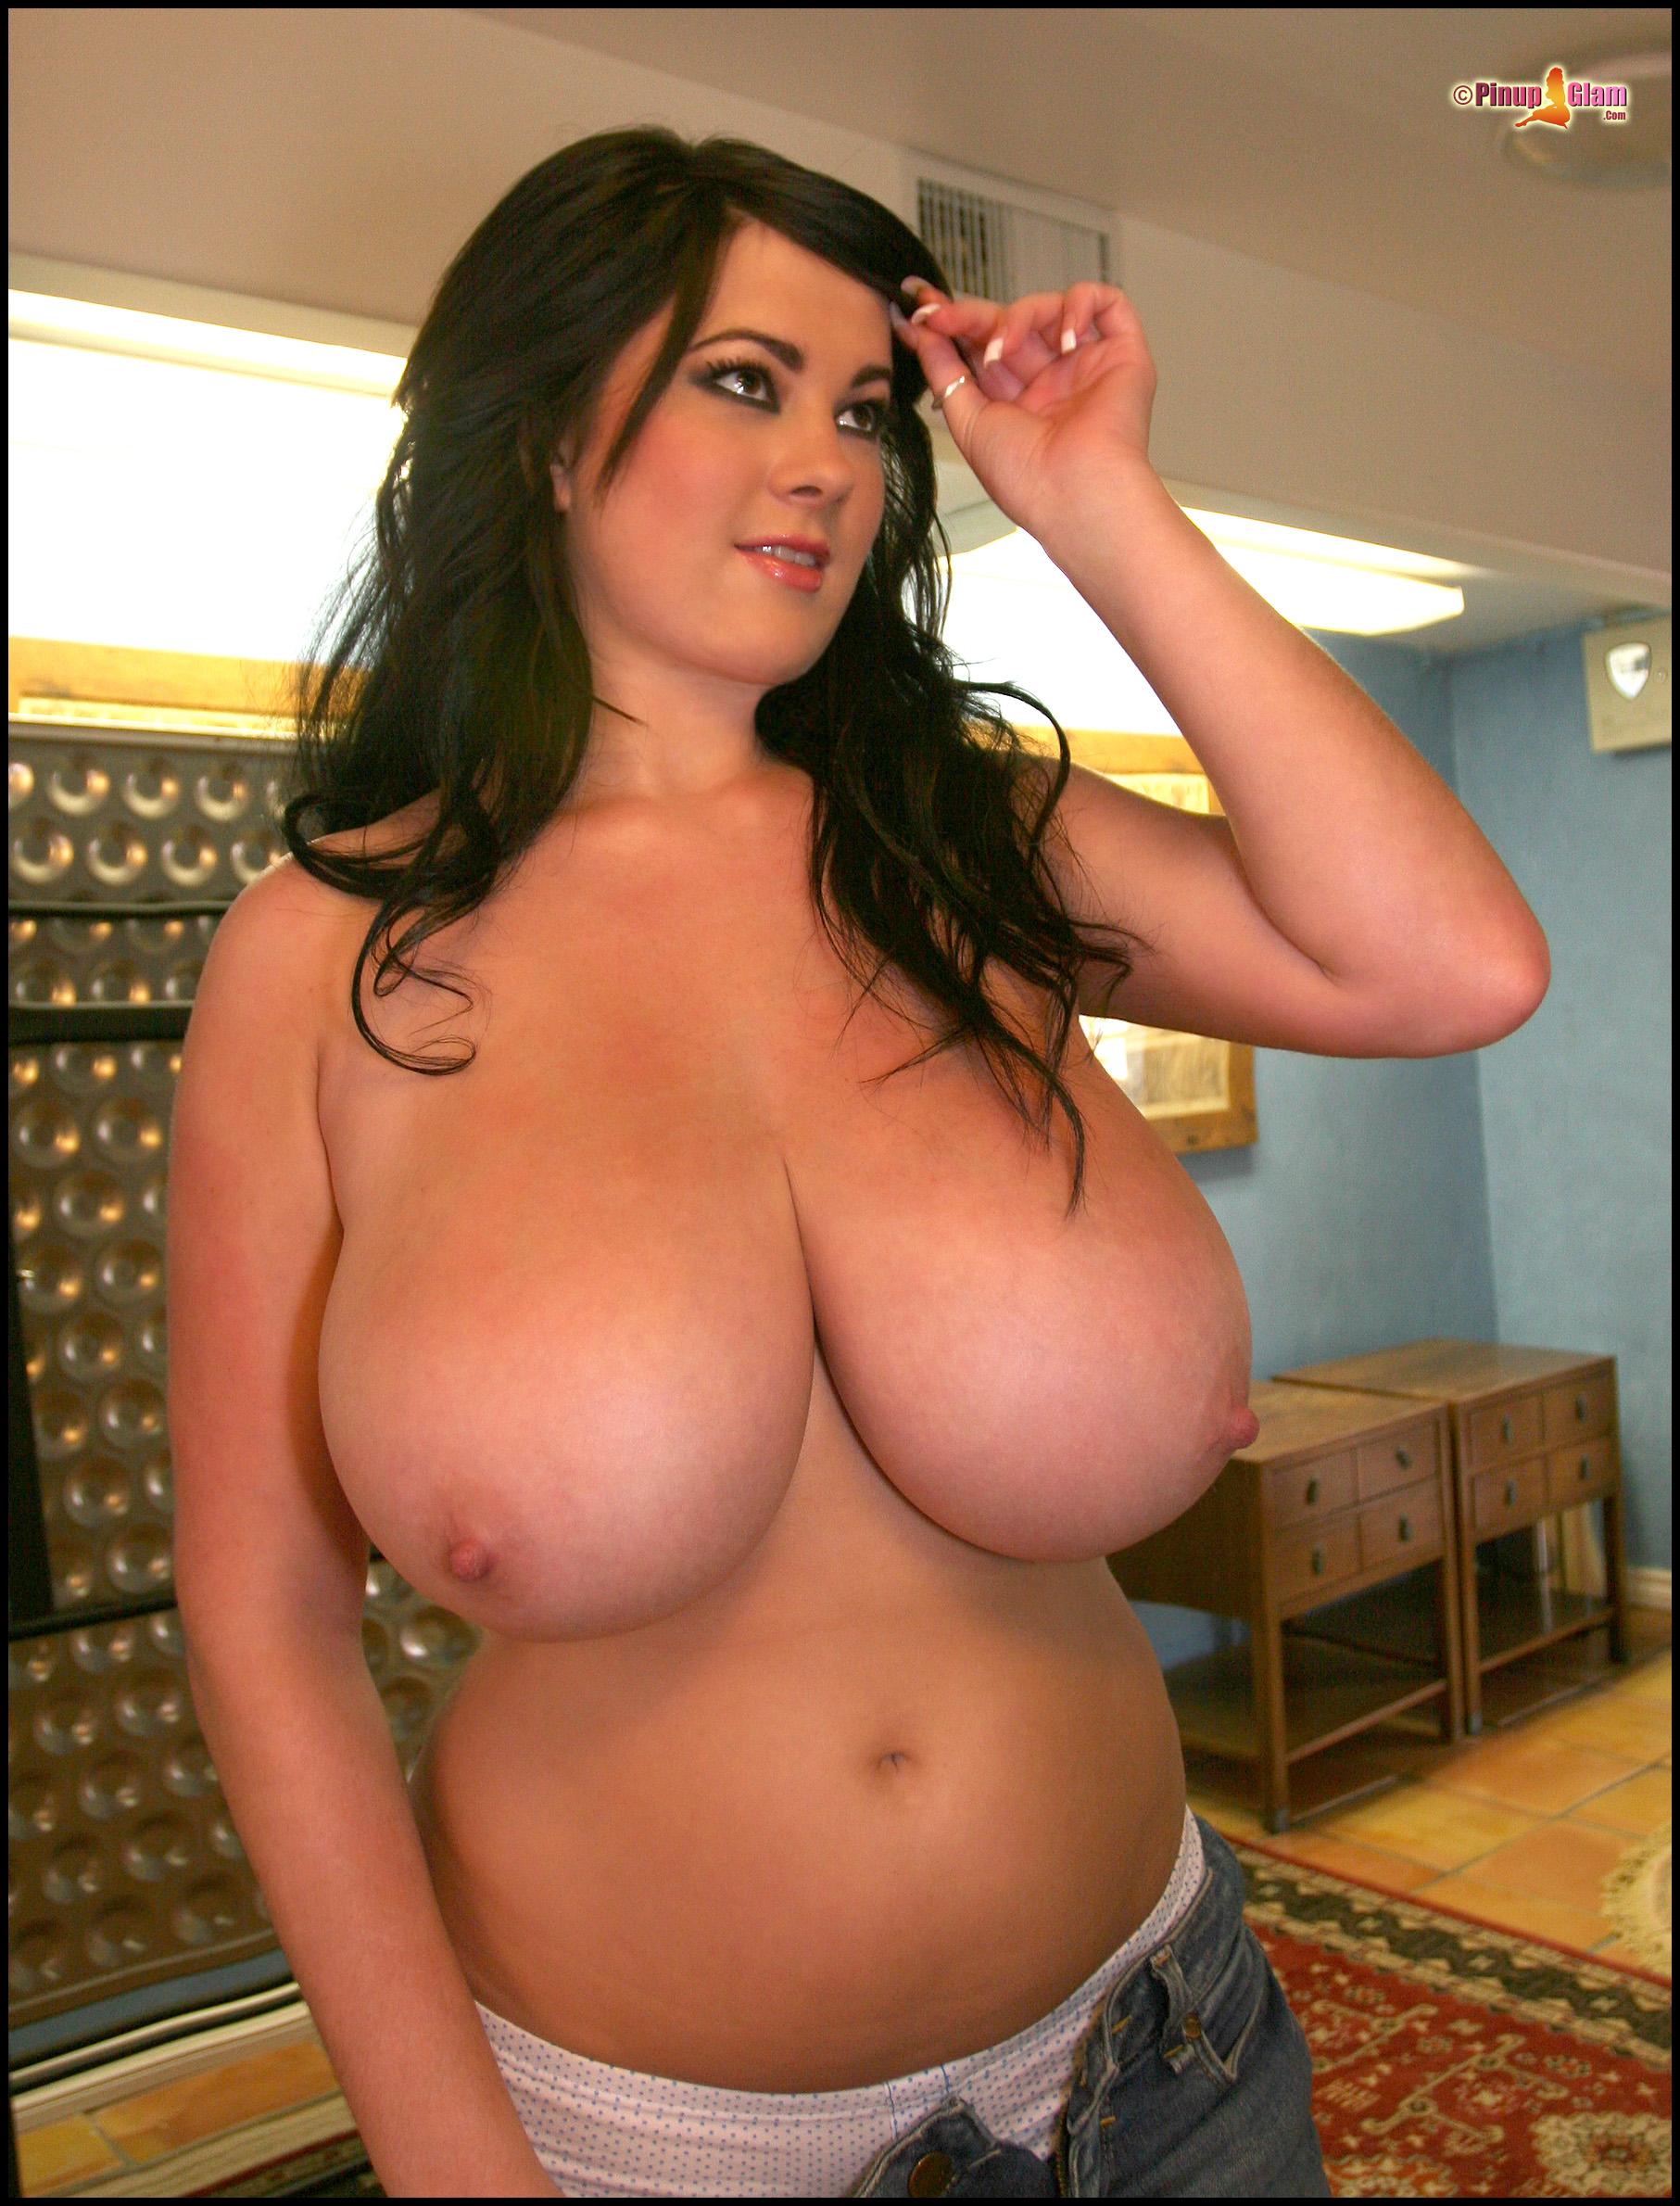 Самые большие в мире голые титьки 2 фотография